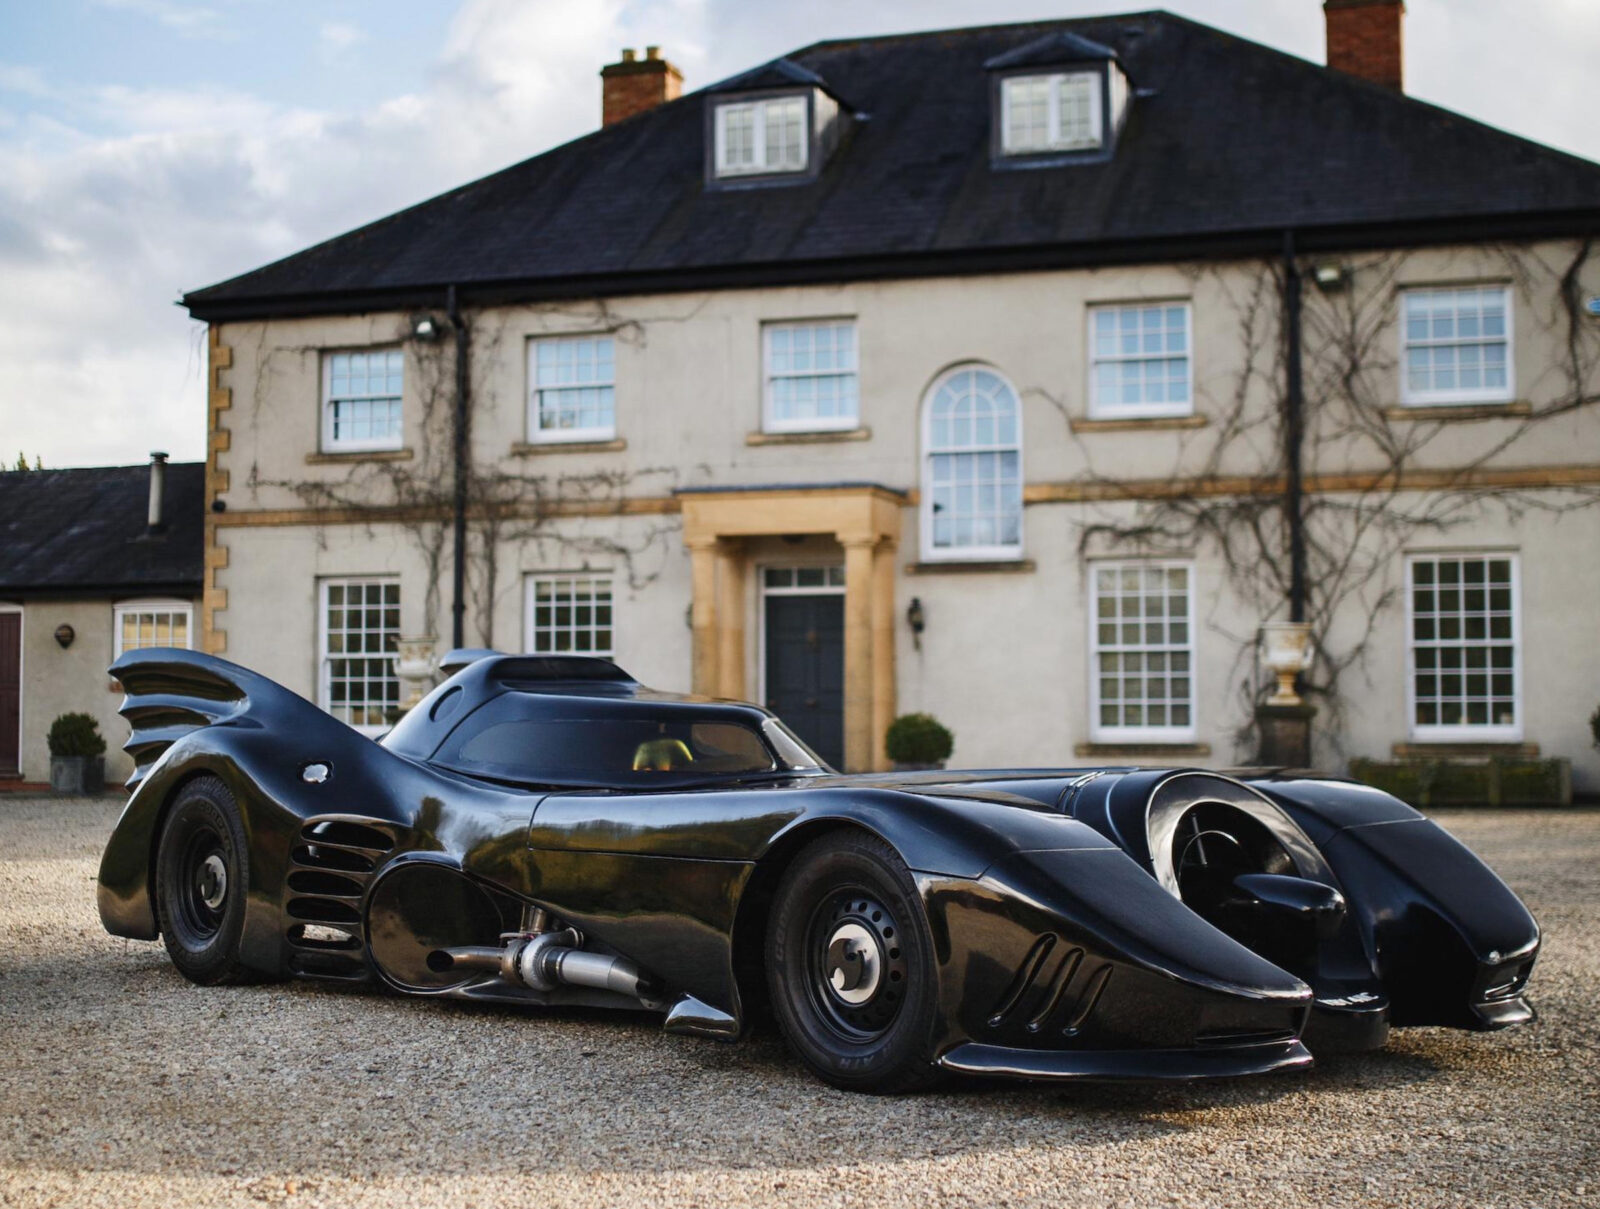 Road Legal Batmobile 4